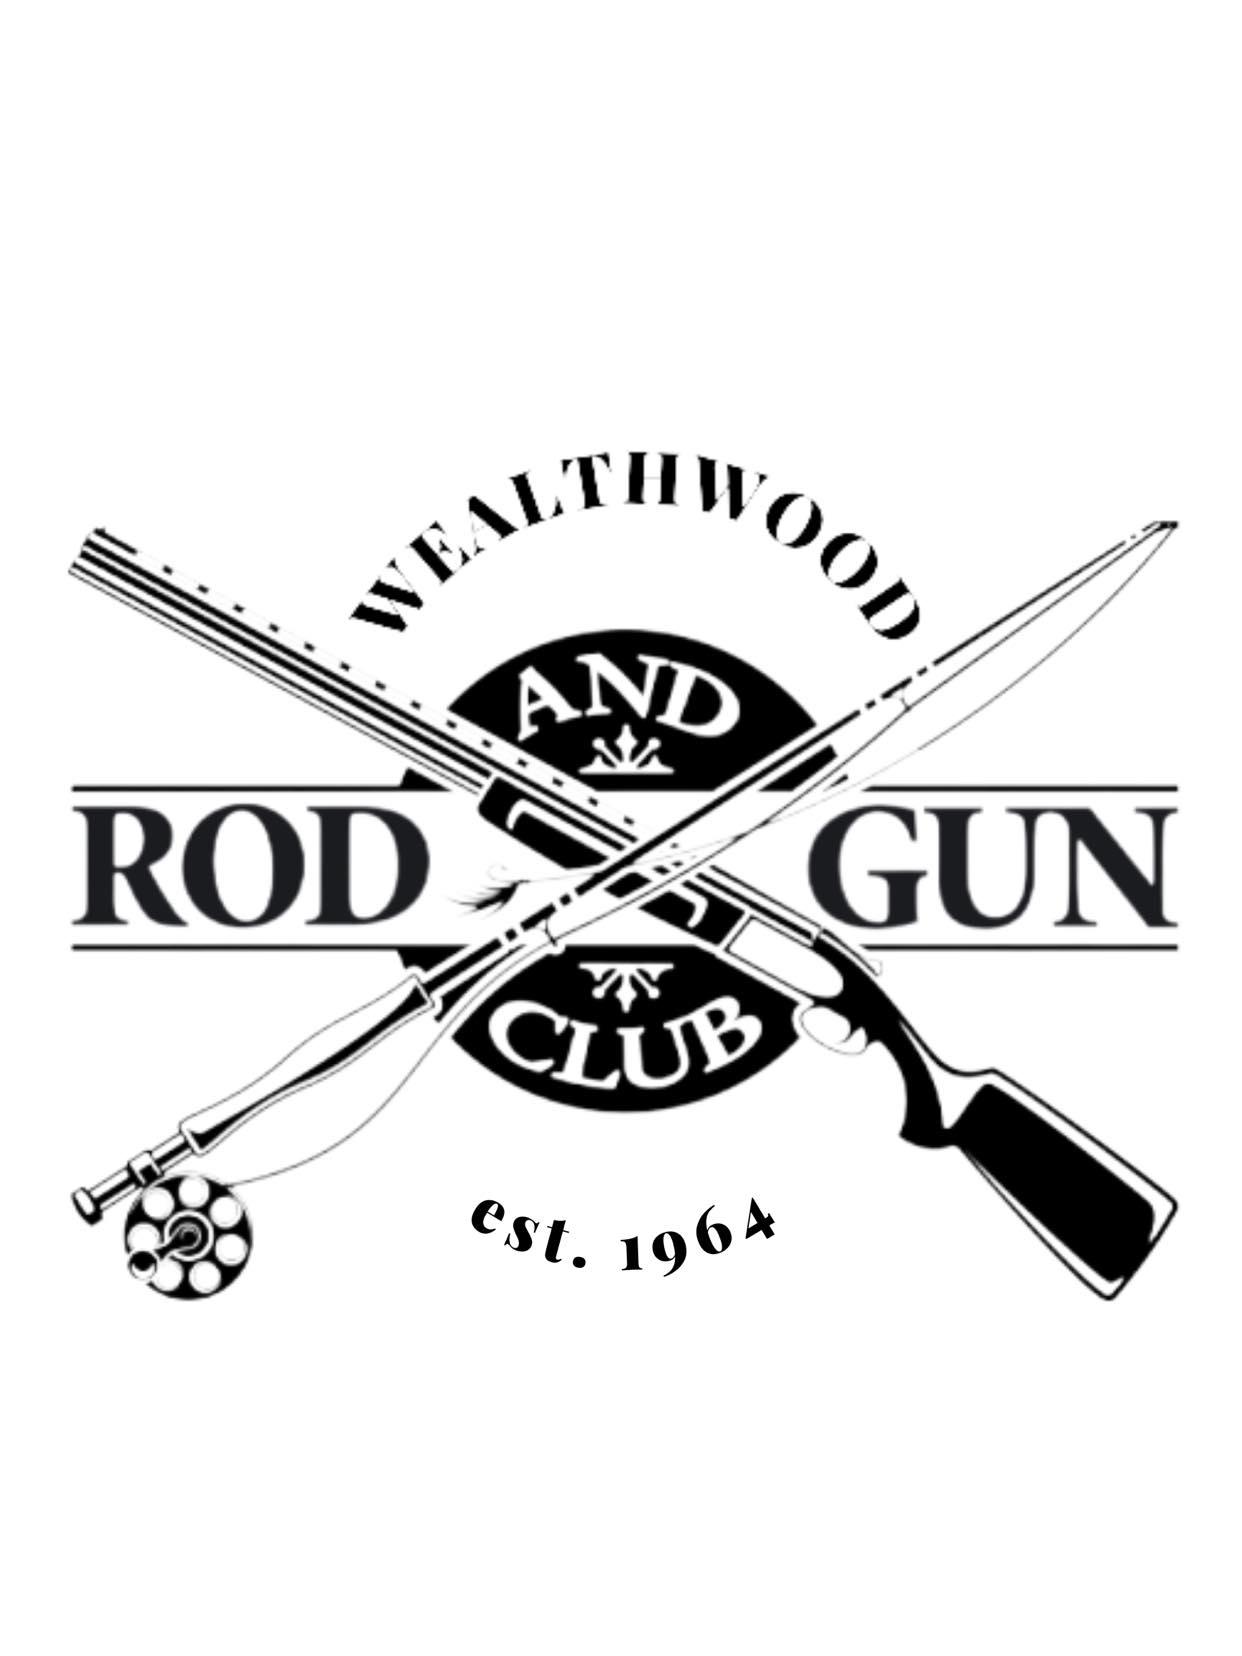 Wealthwood Rod & Gun Club